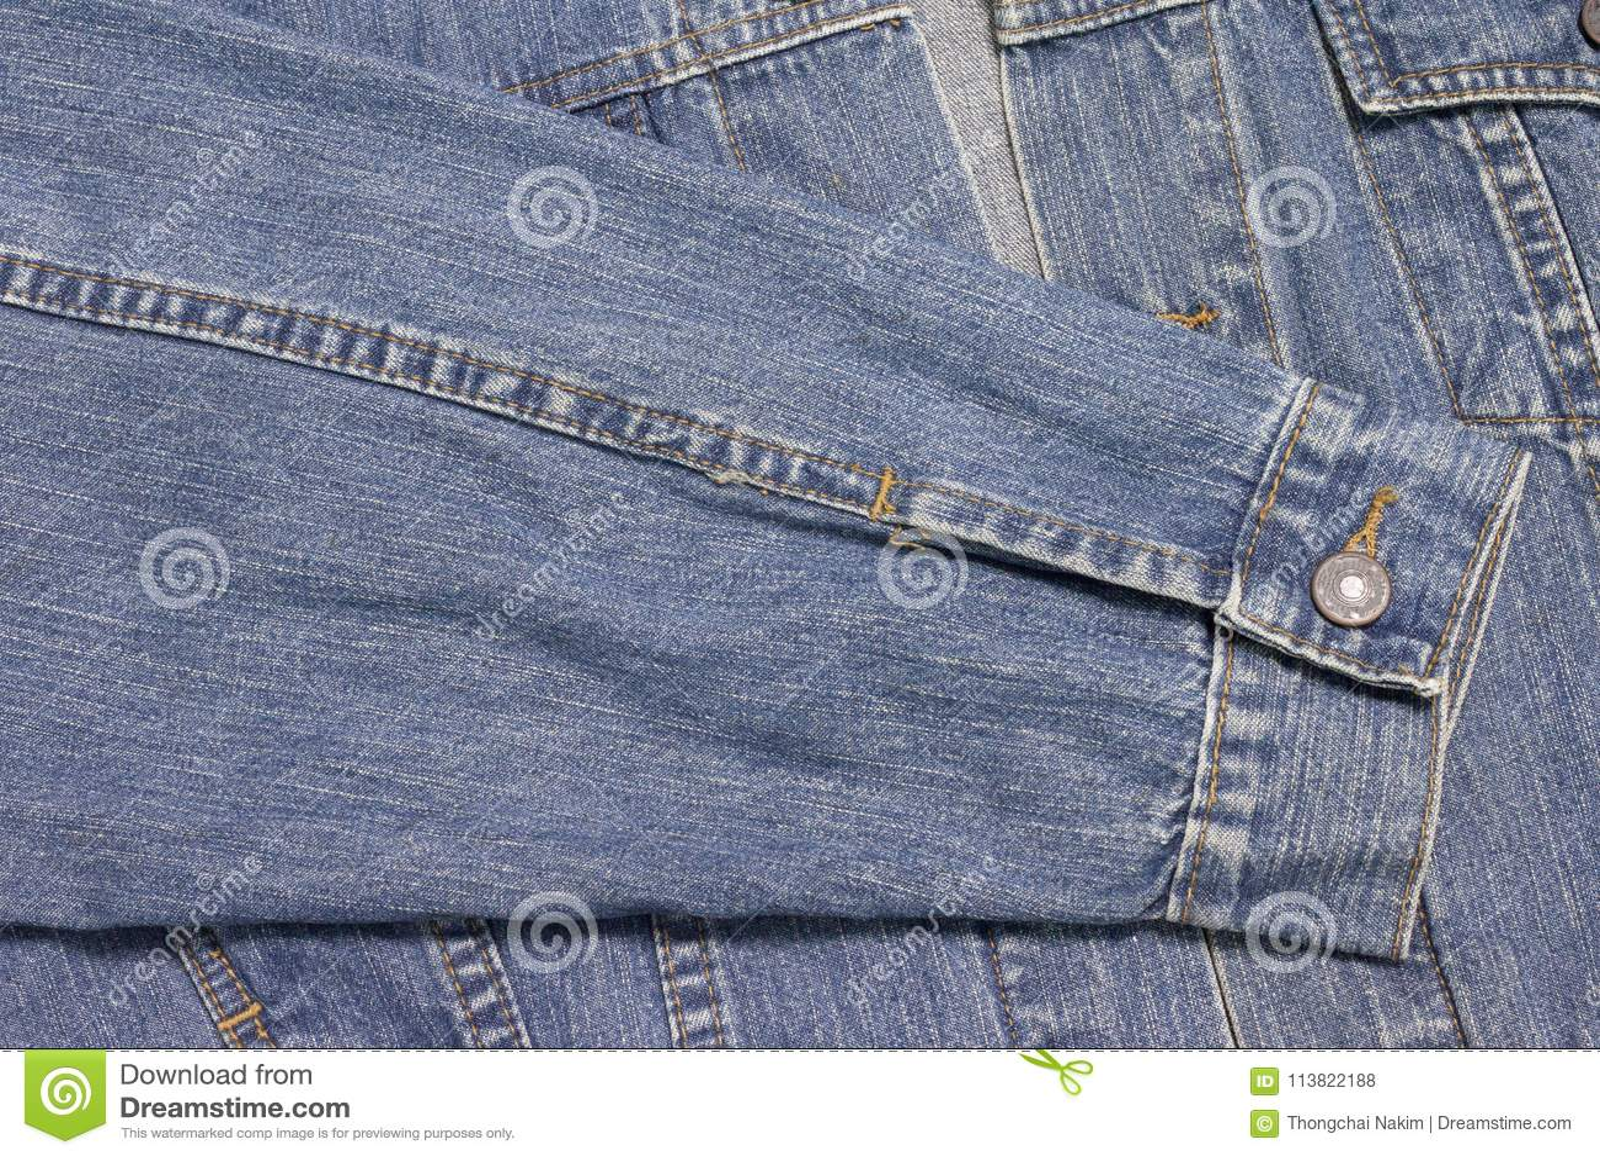 Sleeveless shirt of Jean jacket.